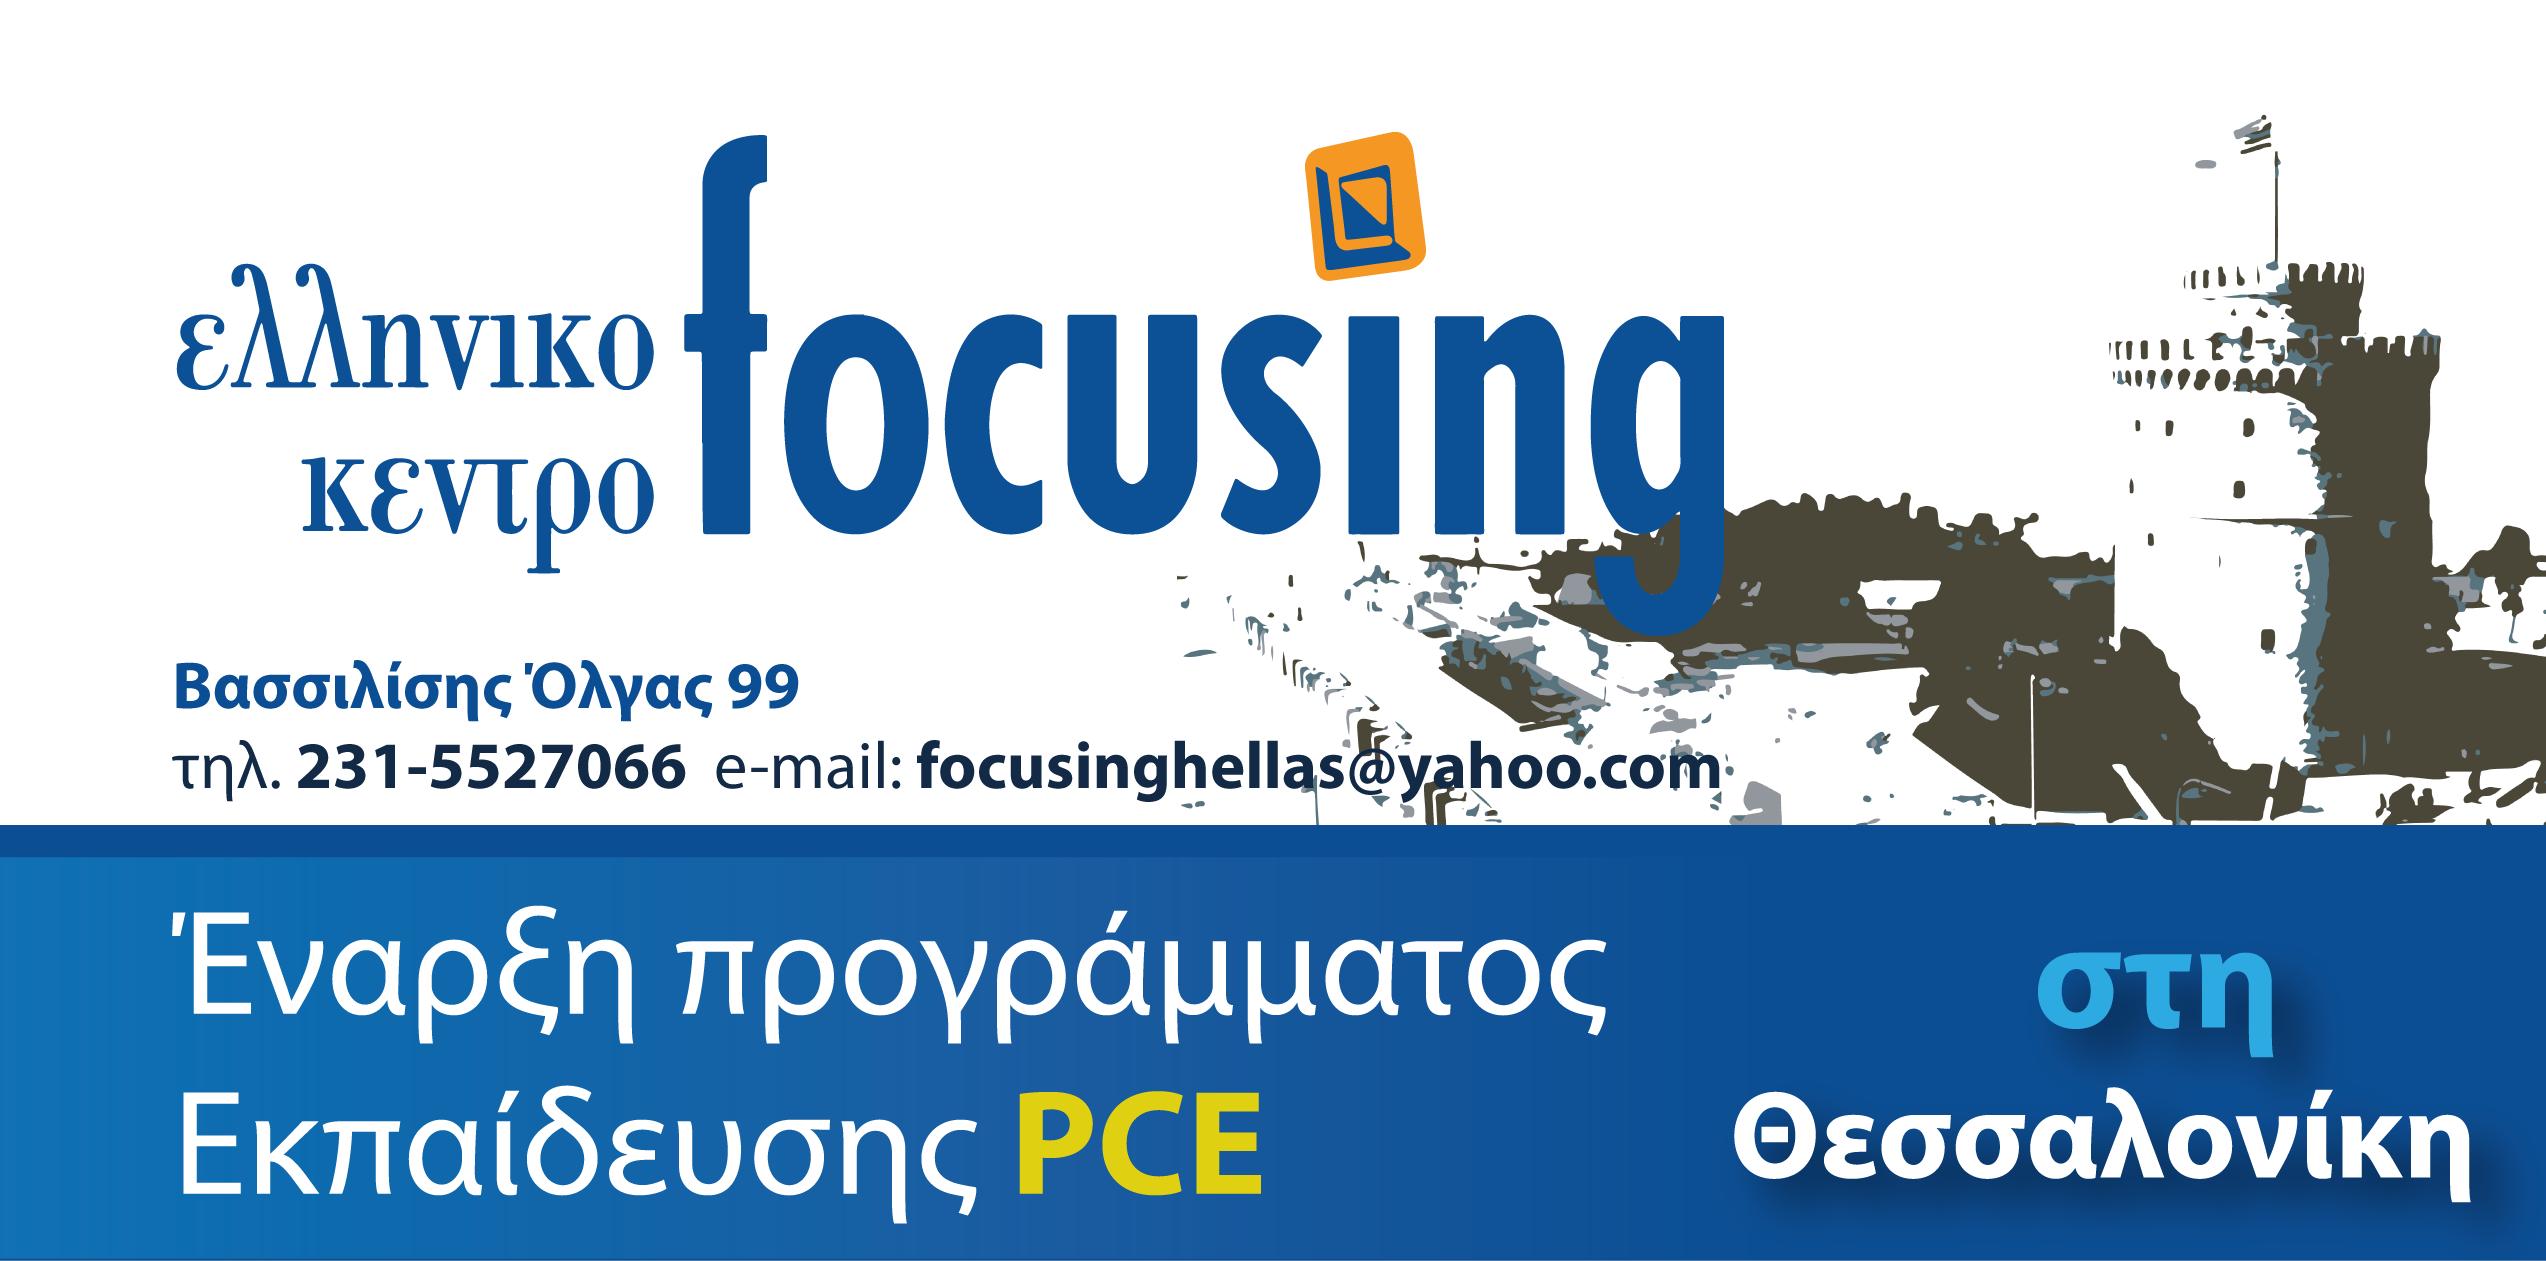 Θεσσαλονίκη – Εκπαιδευτικό Πρόγραμμα 2017-2018 – Έναρξη